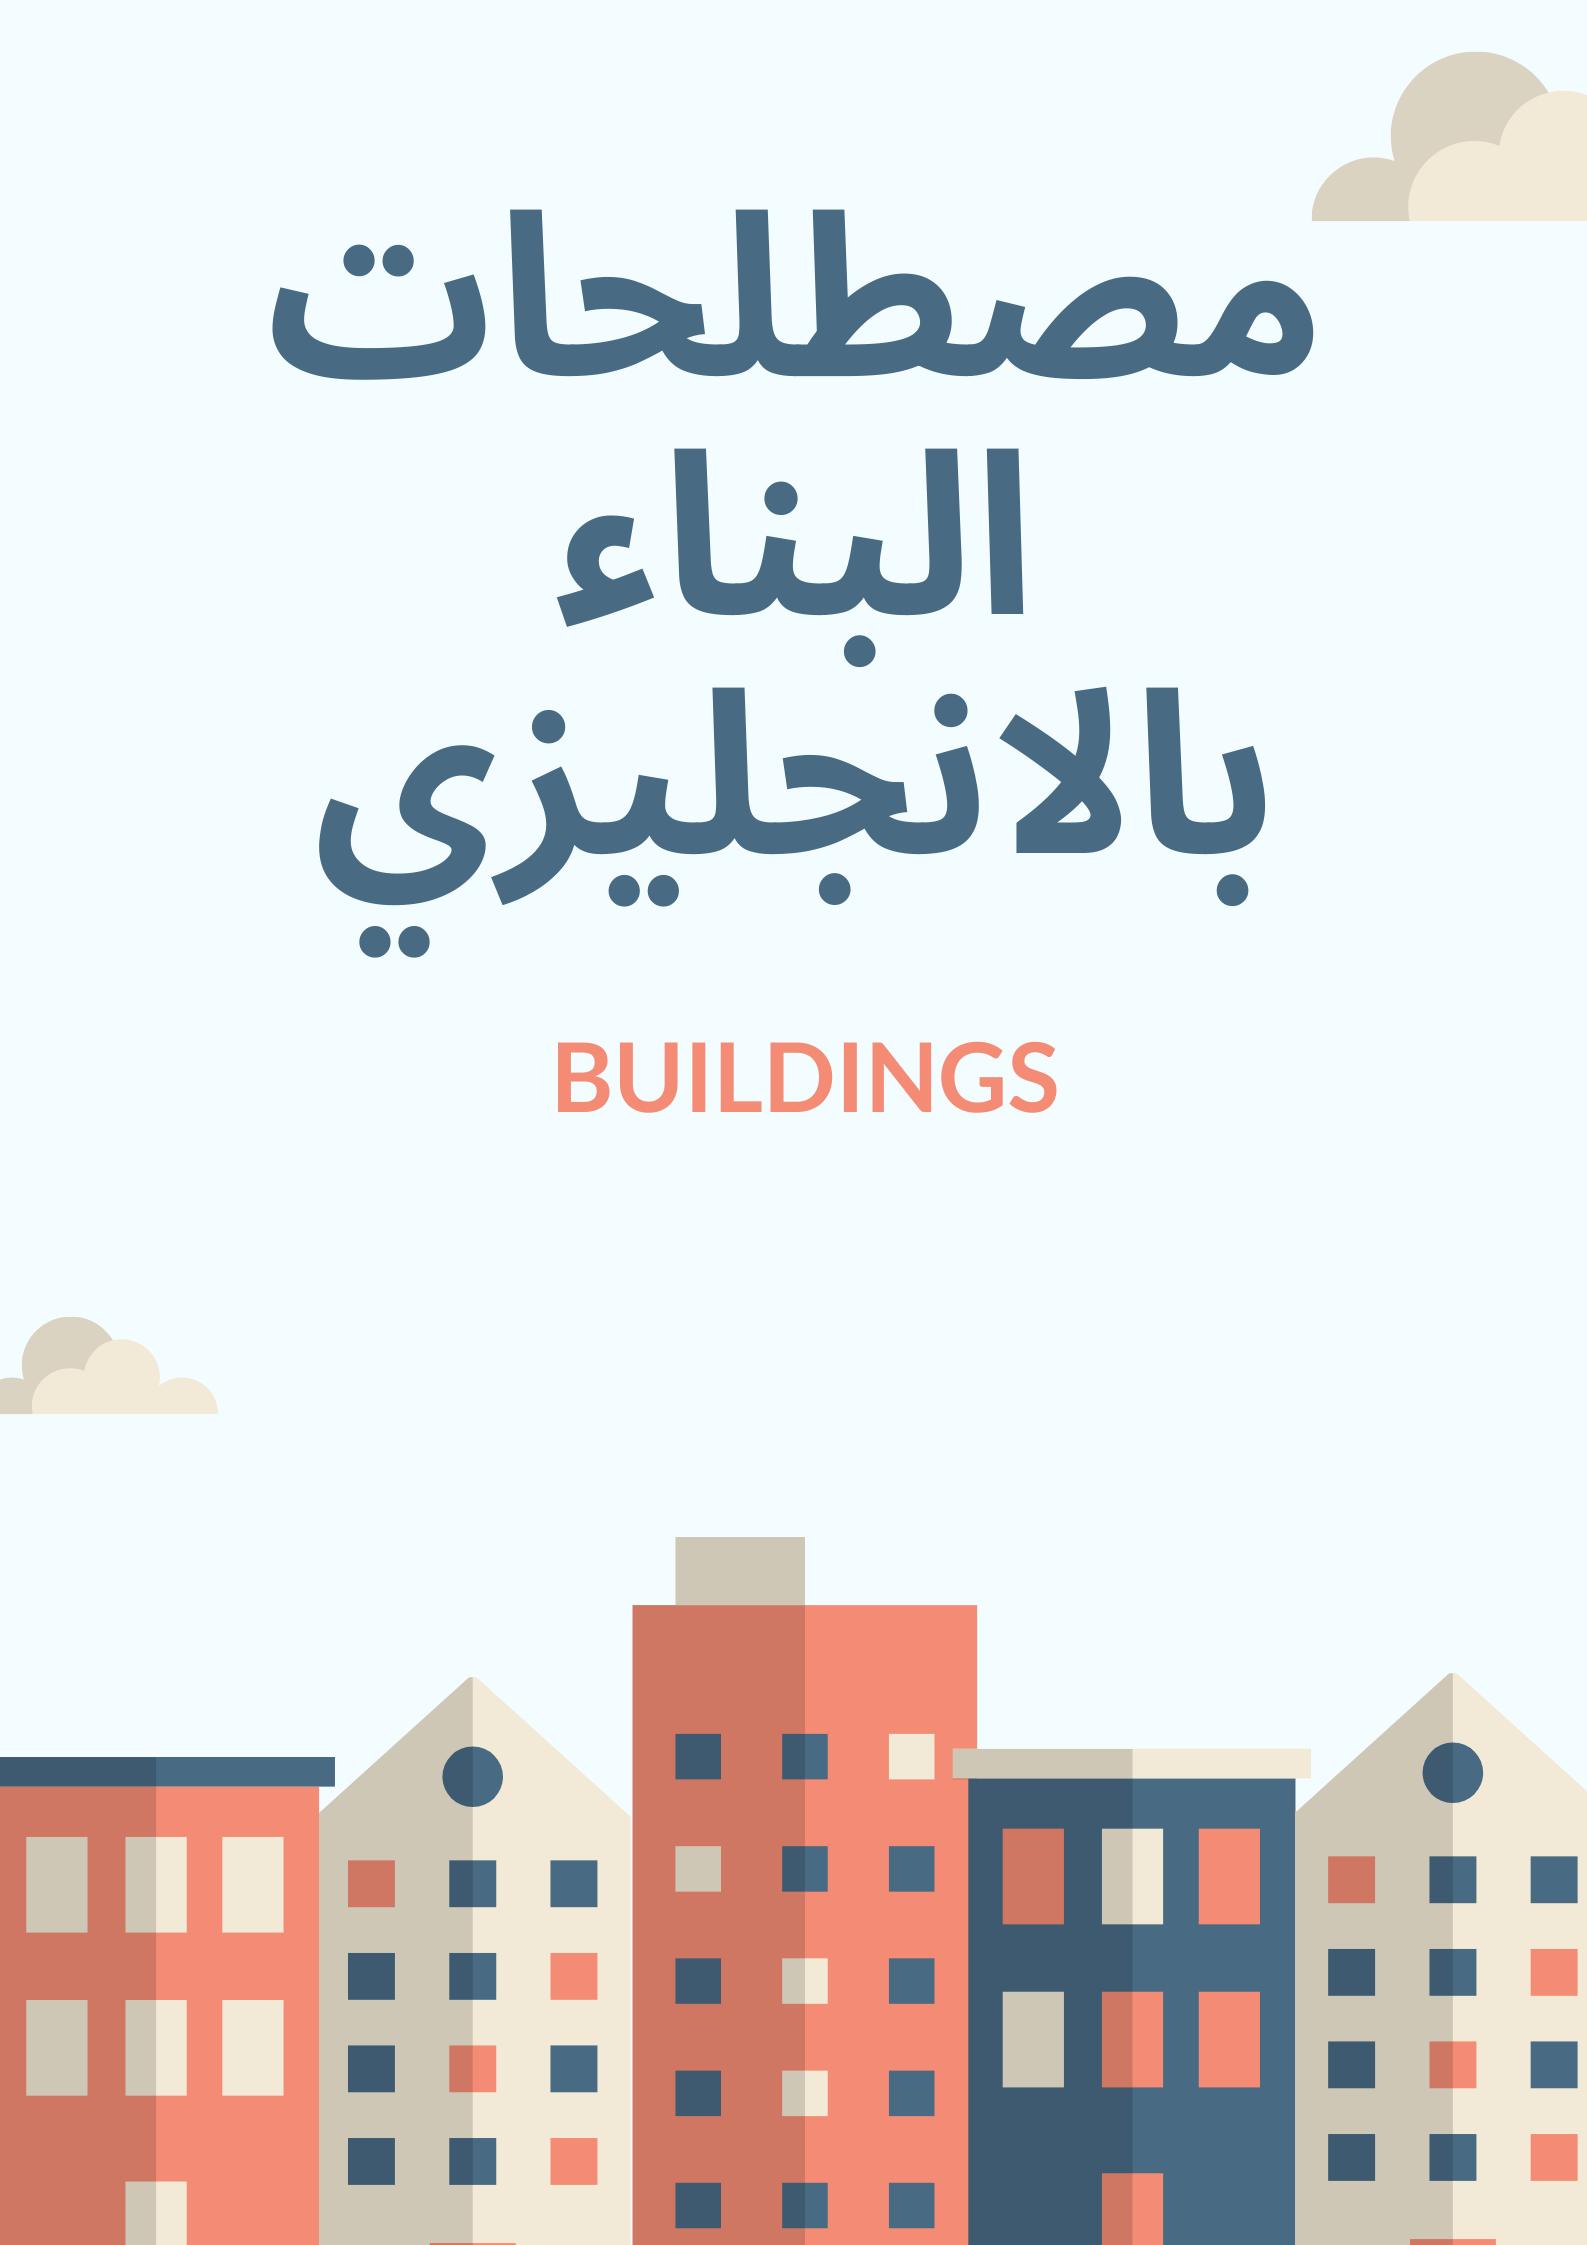 مصطلحات البناء بالانجليزي